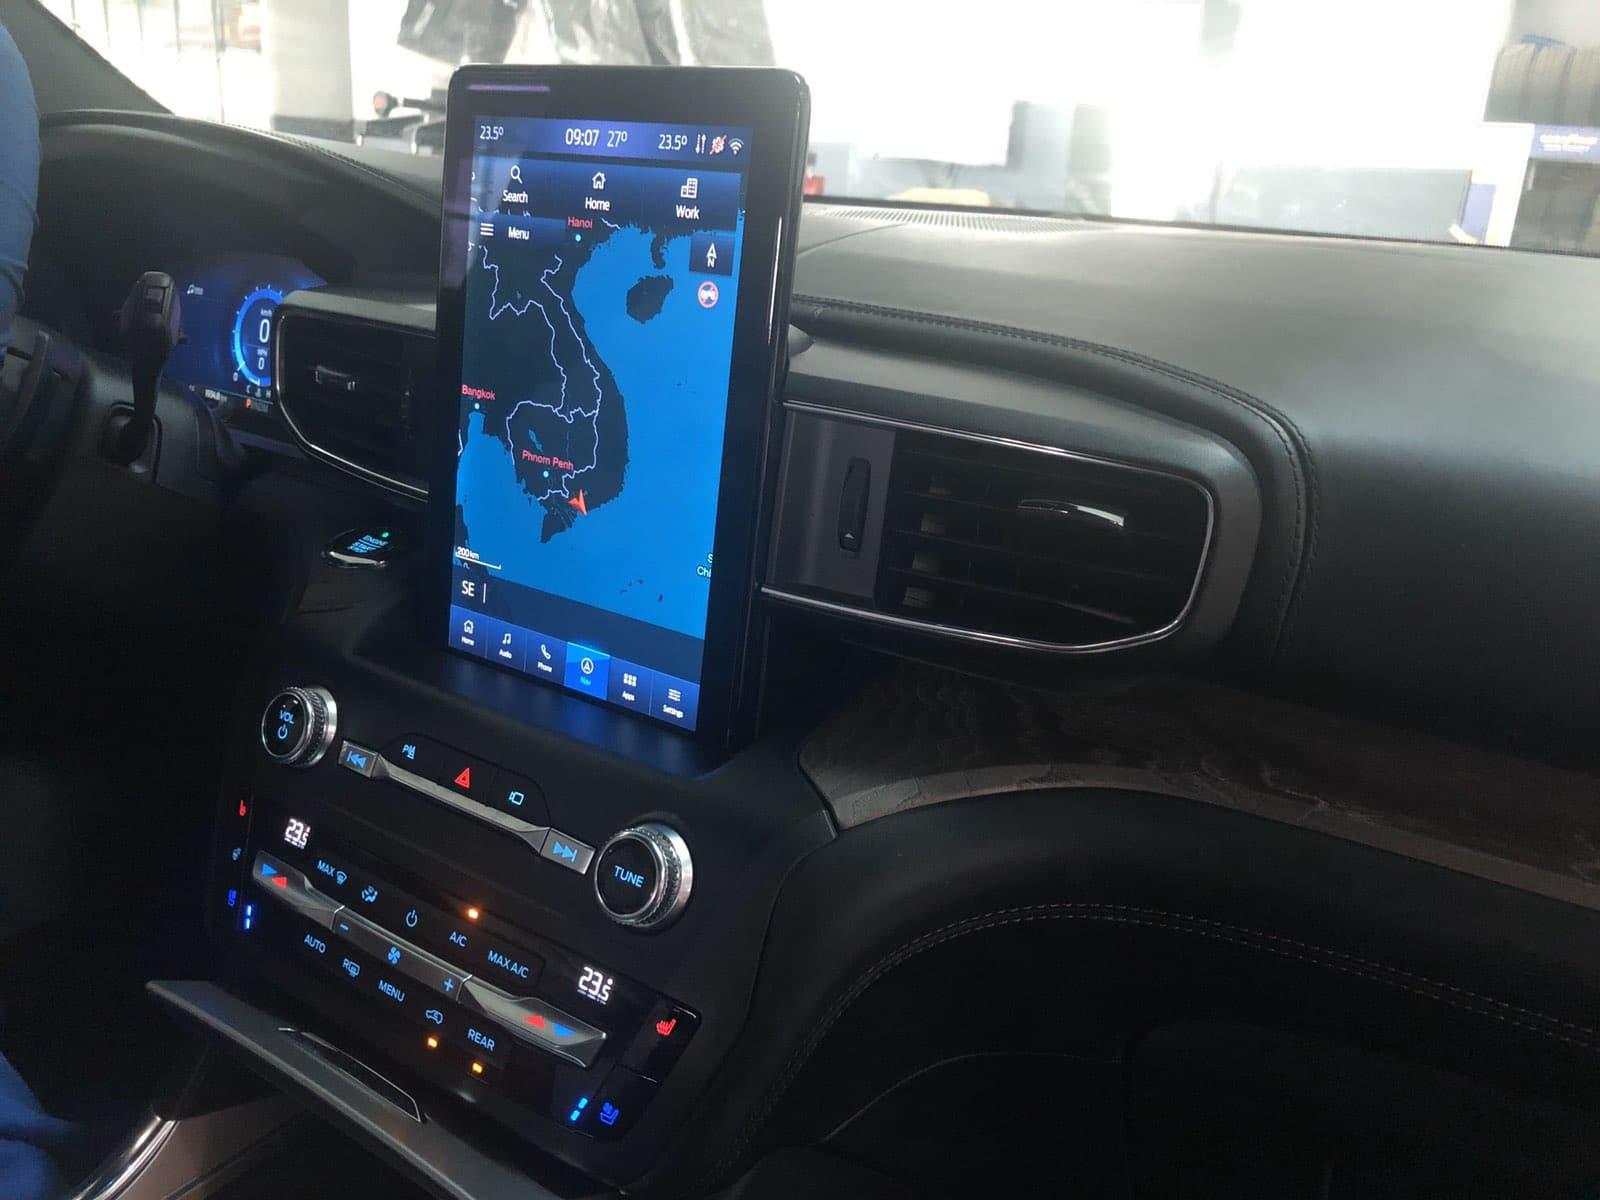 taplo ford explorer 2020 nhap my - Ford Explorer 2021 - Nhập Mỹ khi nào về Việt Nam